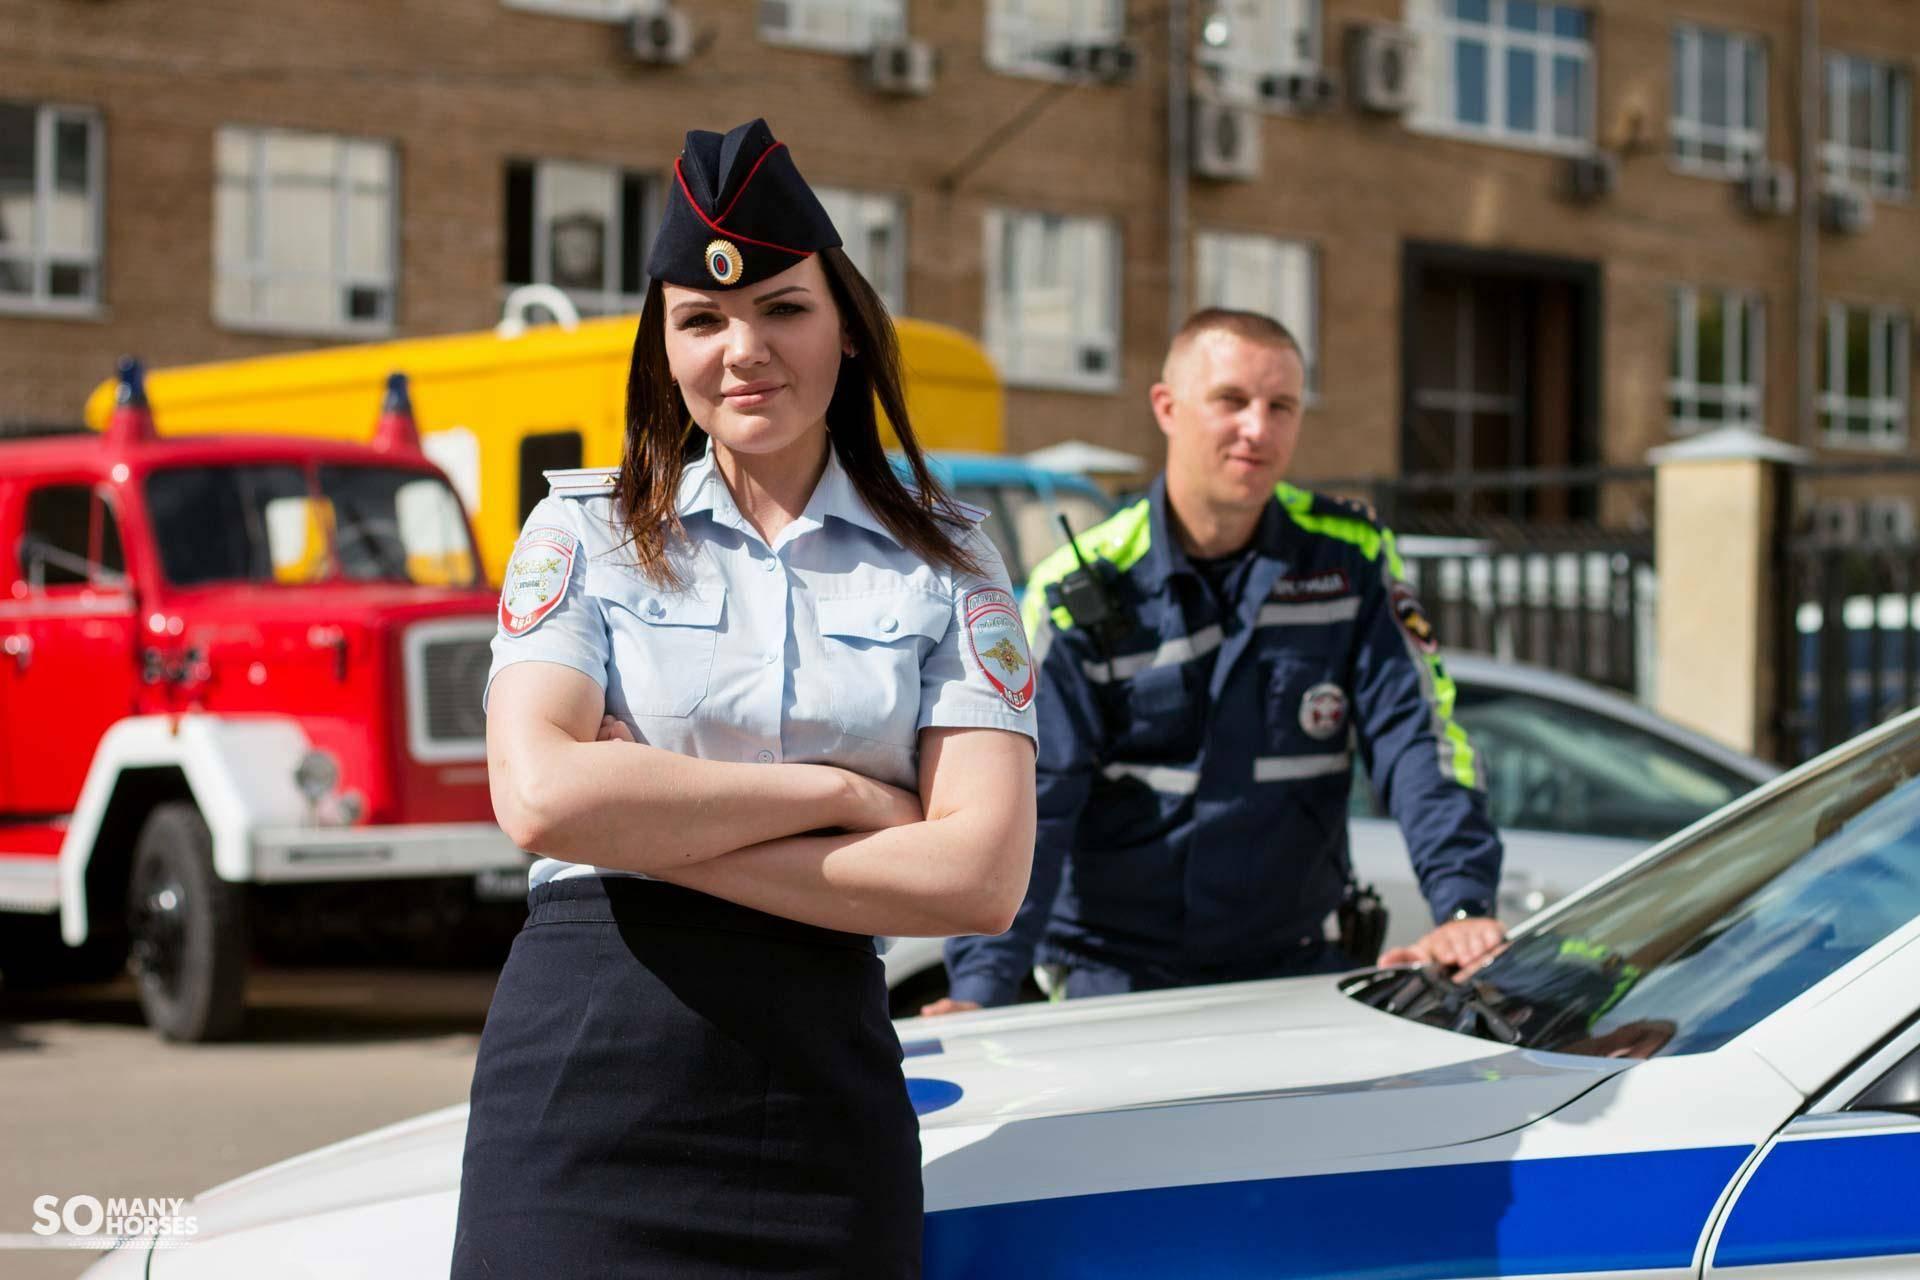 Список должностей в полиции для девушек